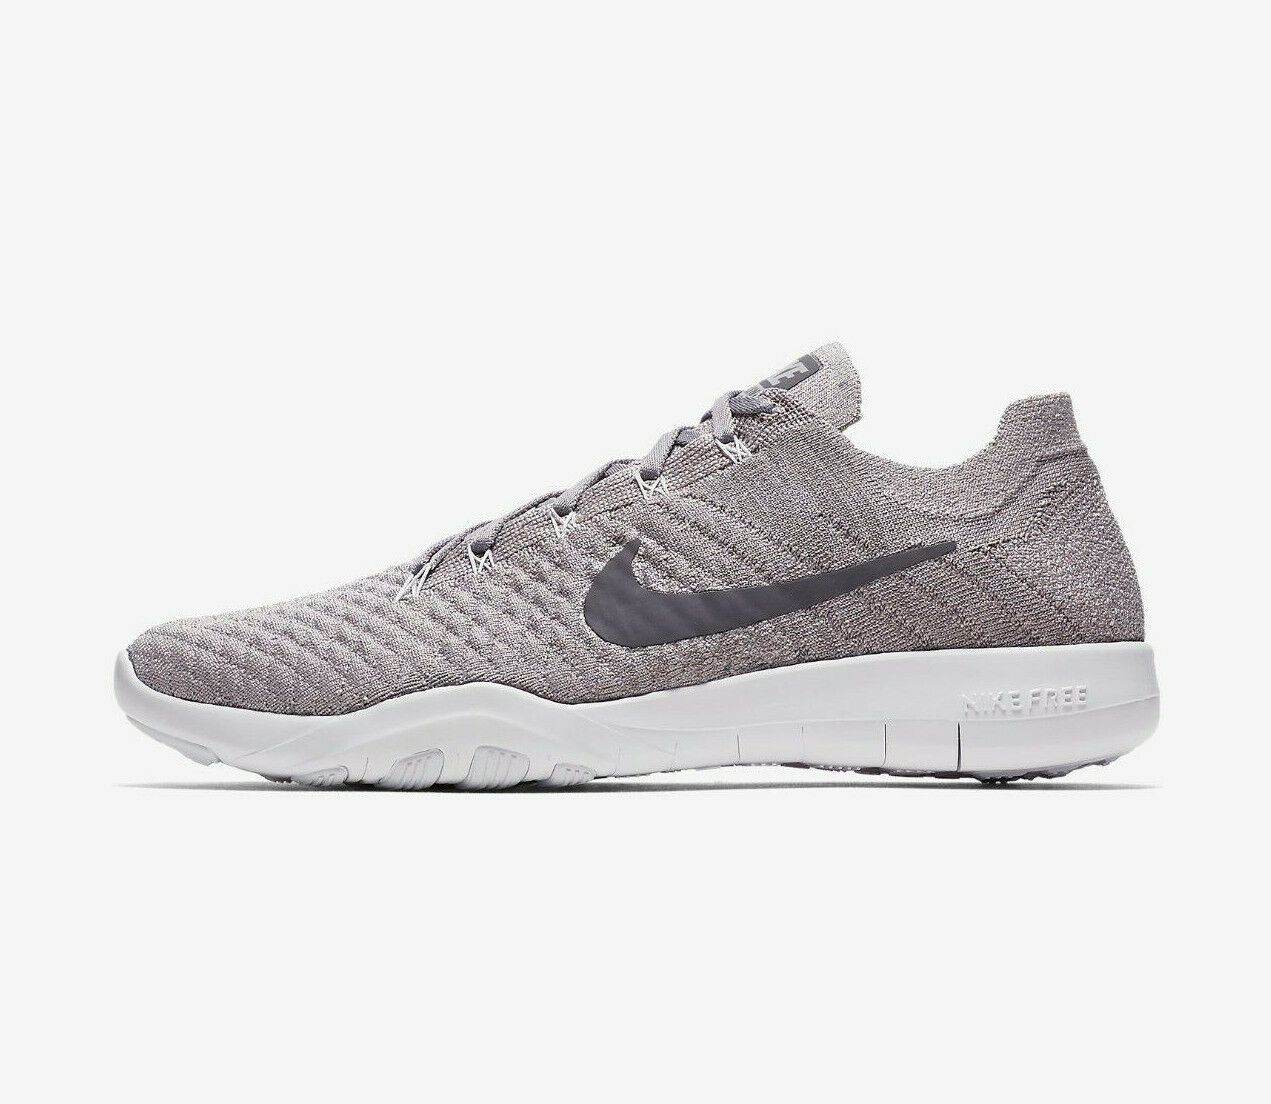 Nike DAMEN Gratis Tr Flyknikt 2 Schuhe Atmosphere Grau Guns Moke Weiß 904658 016